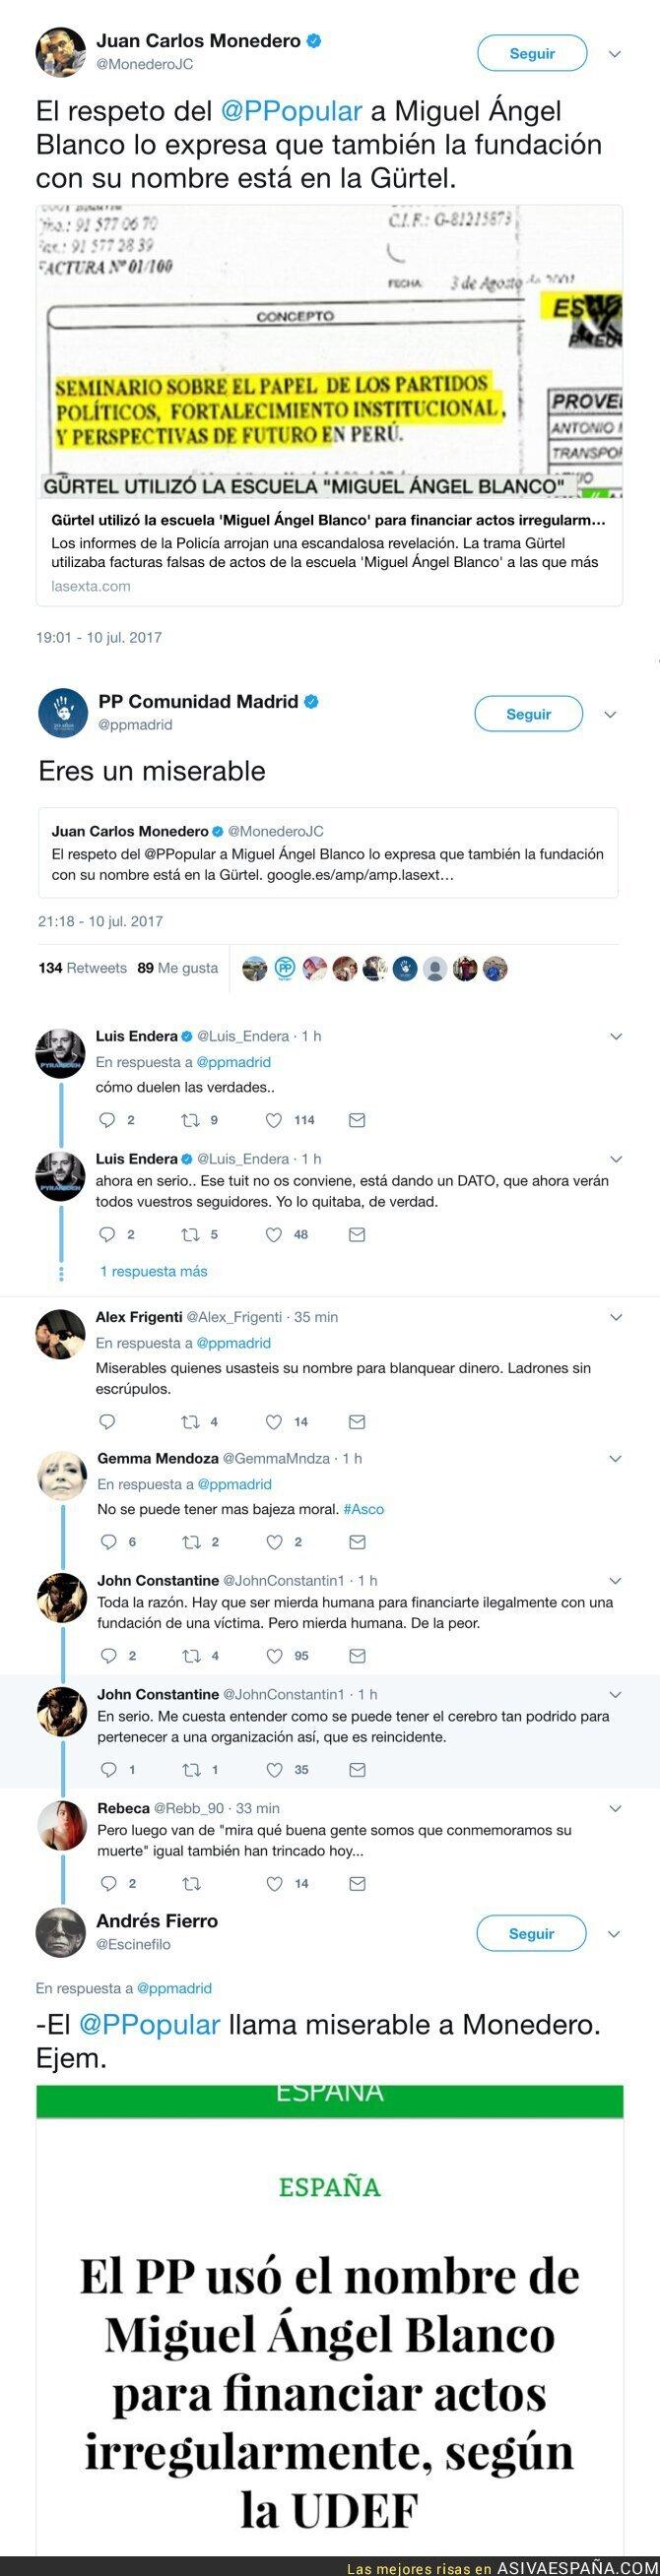 71380 - El insulto del PP de Madrid a Monedero por recordar lo que hacían con Miguel Ángel Blanco